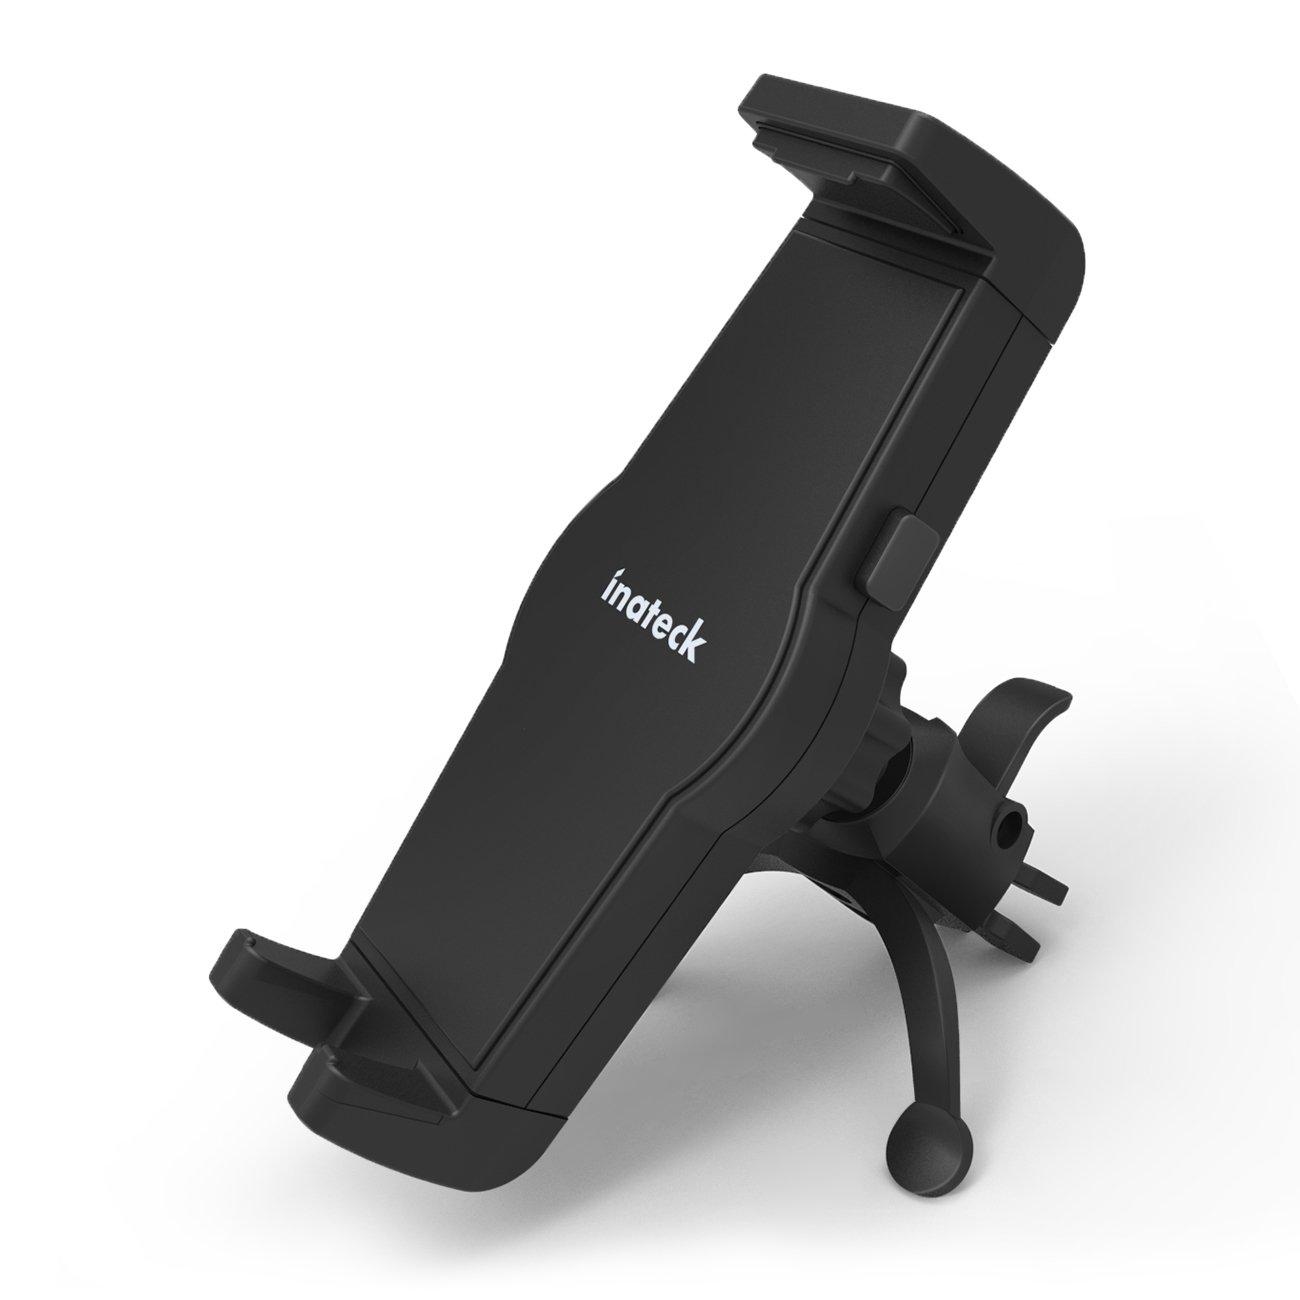 Inateck ST1010 2 in 1 Porta Telefono Cellulare e Tablet Supporto Auto Smartphone Cruscotto e Bocchetta aria